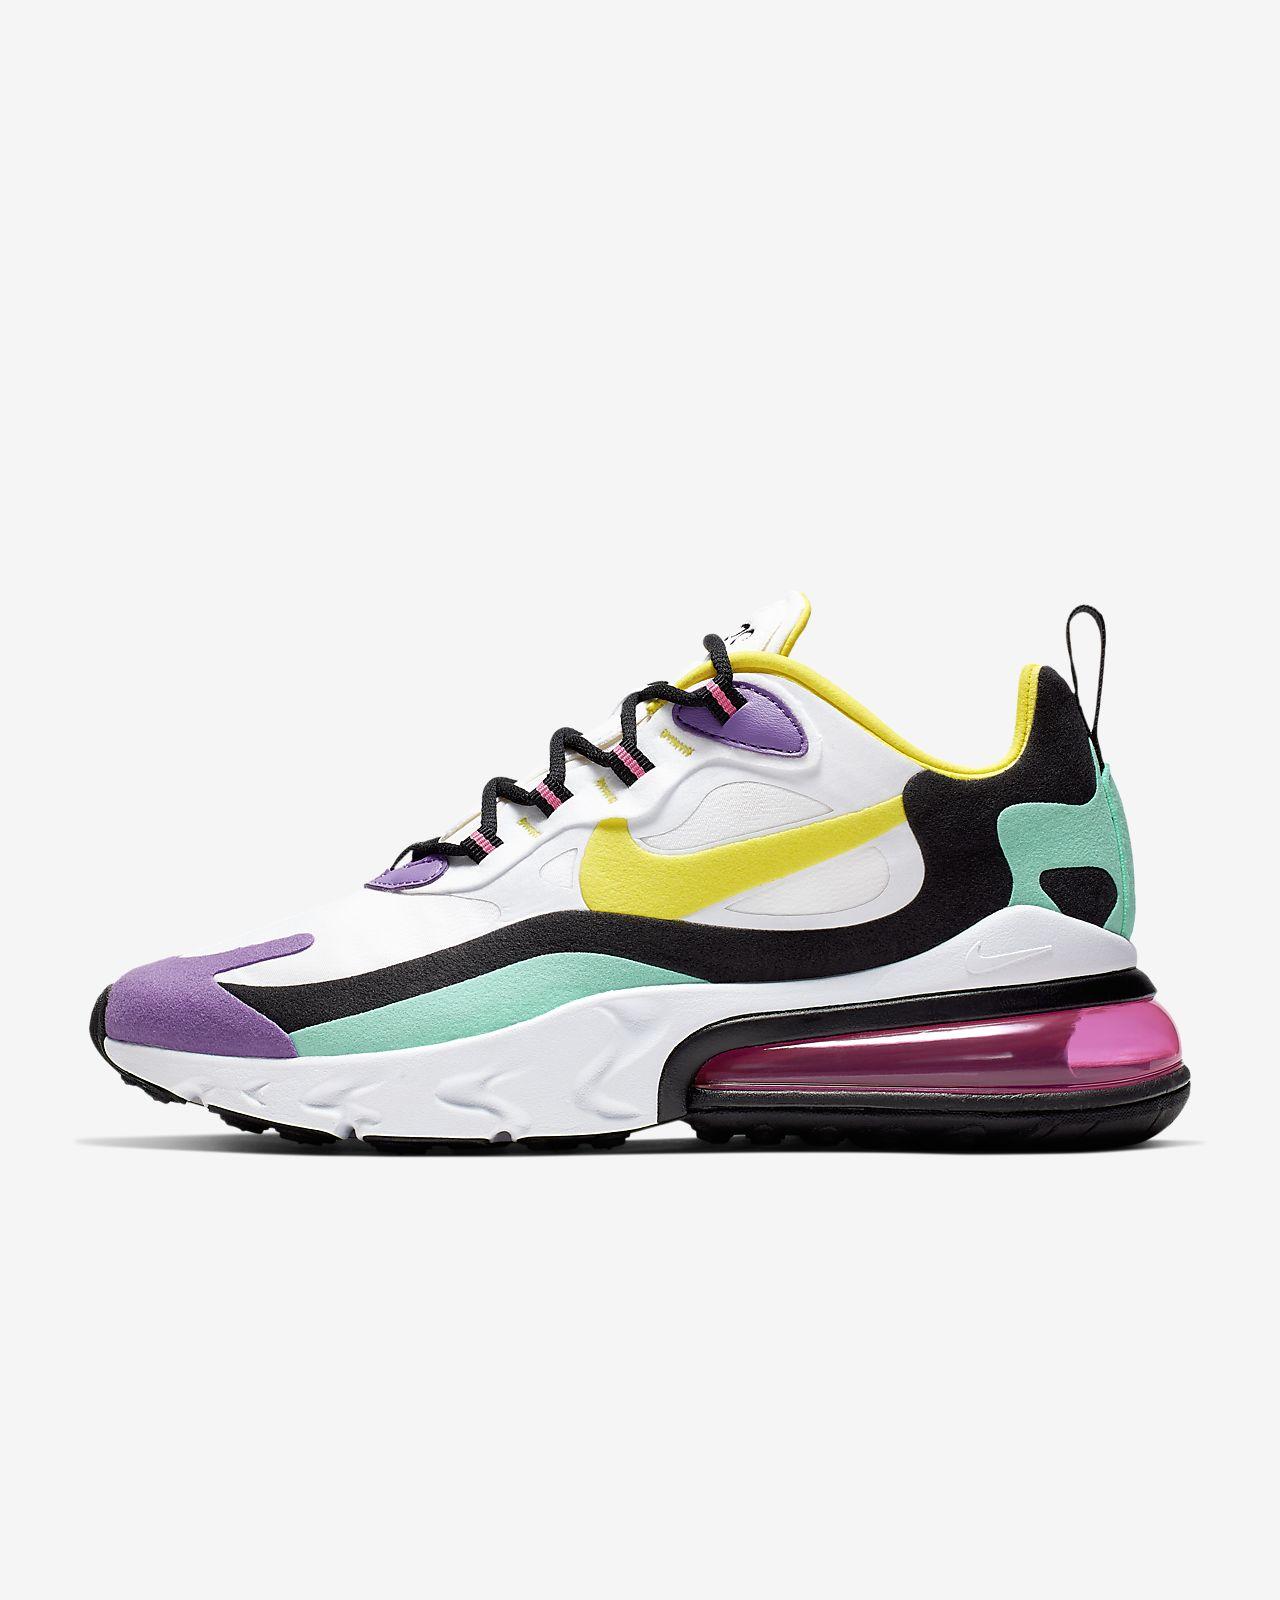 รองเท้าผู้หญิง Nike Air Max 270 React (Geometric)